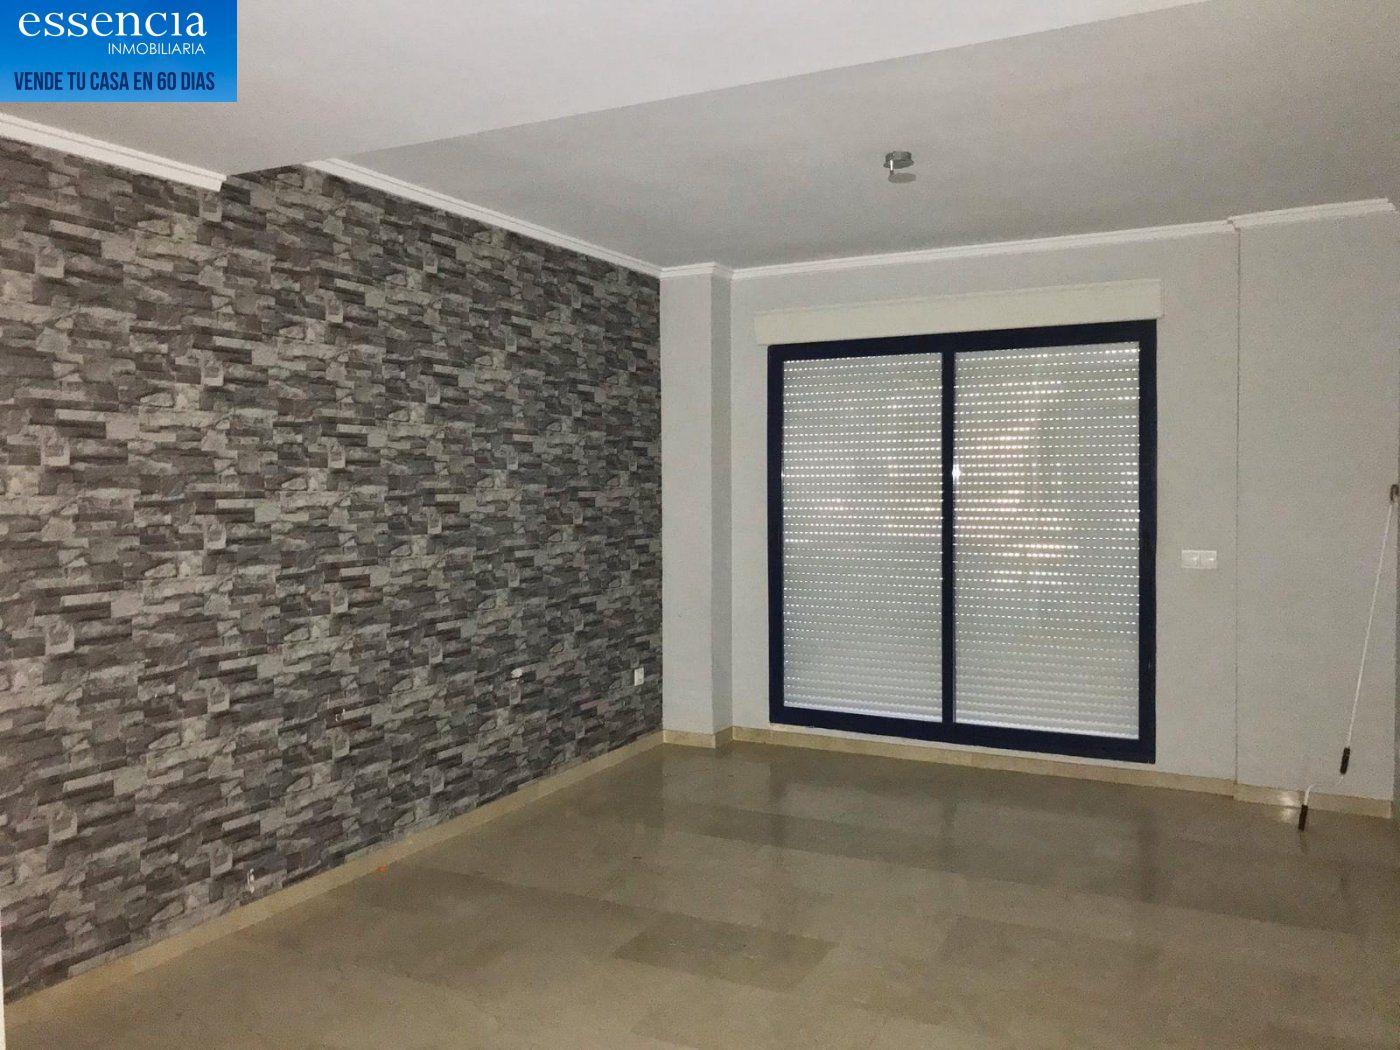 Apartamento de 2 dormitorios y 2 baños con salón con balcón. - imagenInmueble2